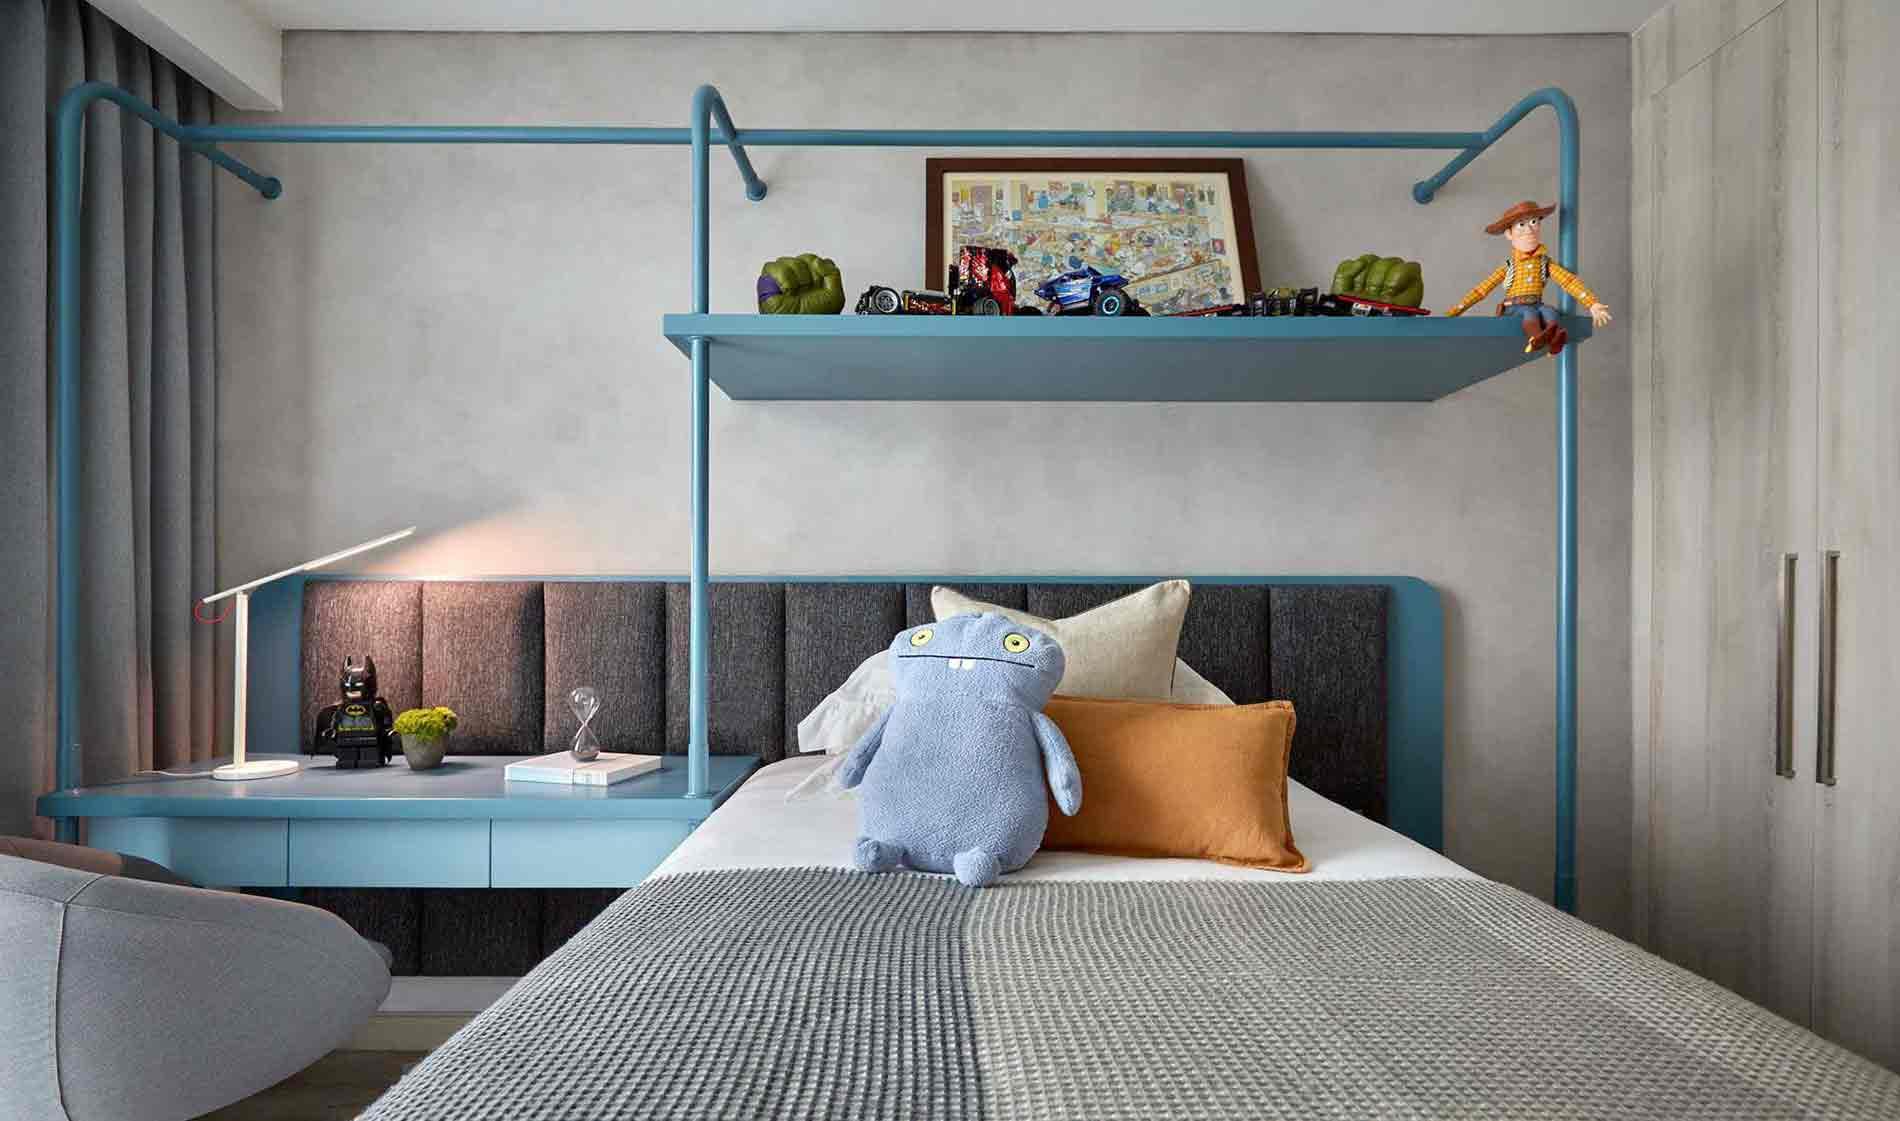 Konstruksi pipa yang membentuk headboard, meja, dan rak atas tempat tidur dalam warna yang kontras dengan latar belakang, kamar anak laki-laki karya Hello Embryo, via arsitag.com